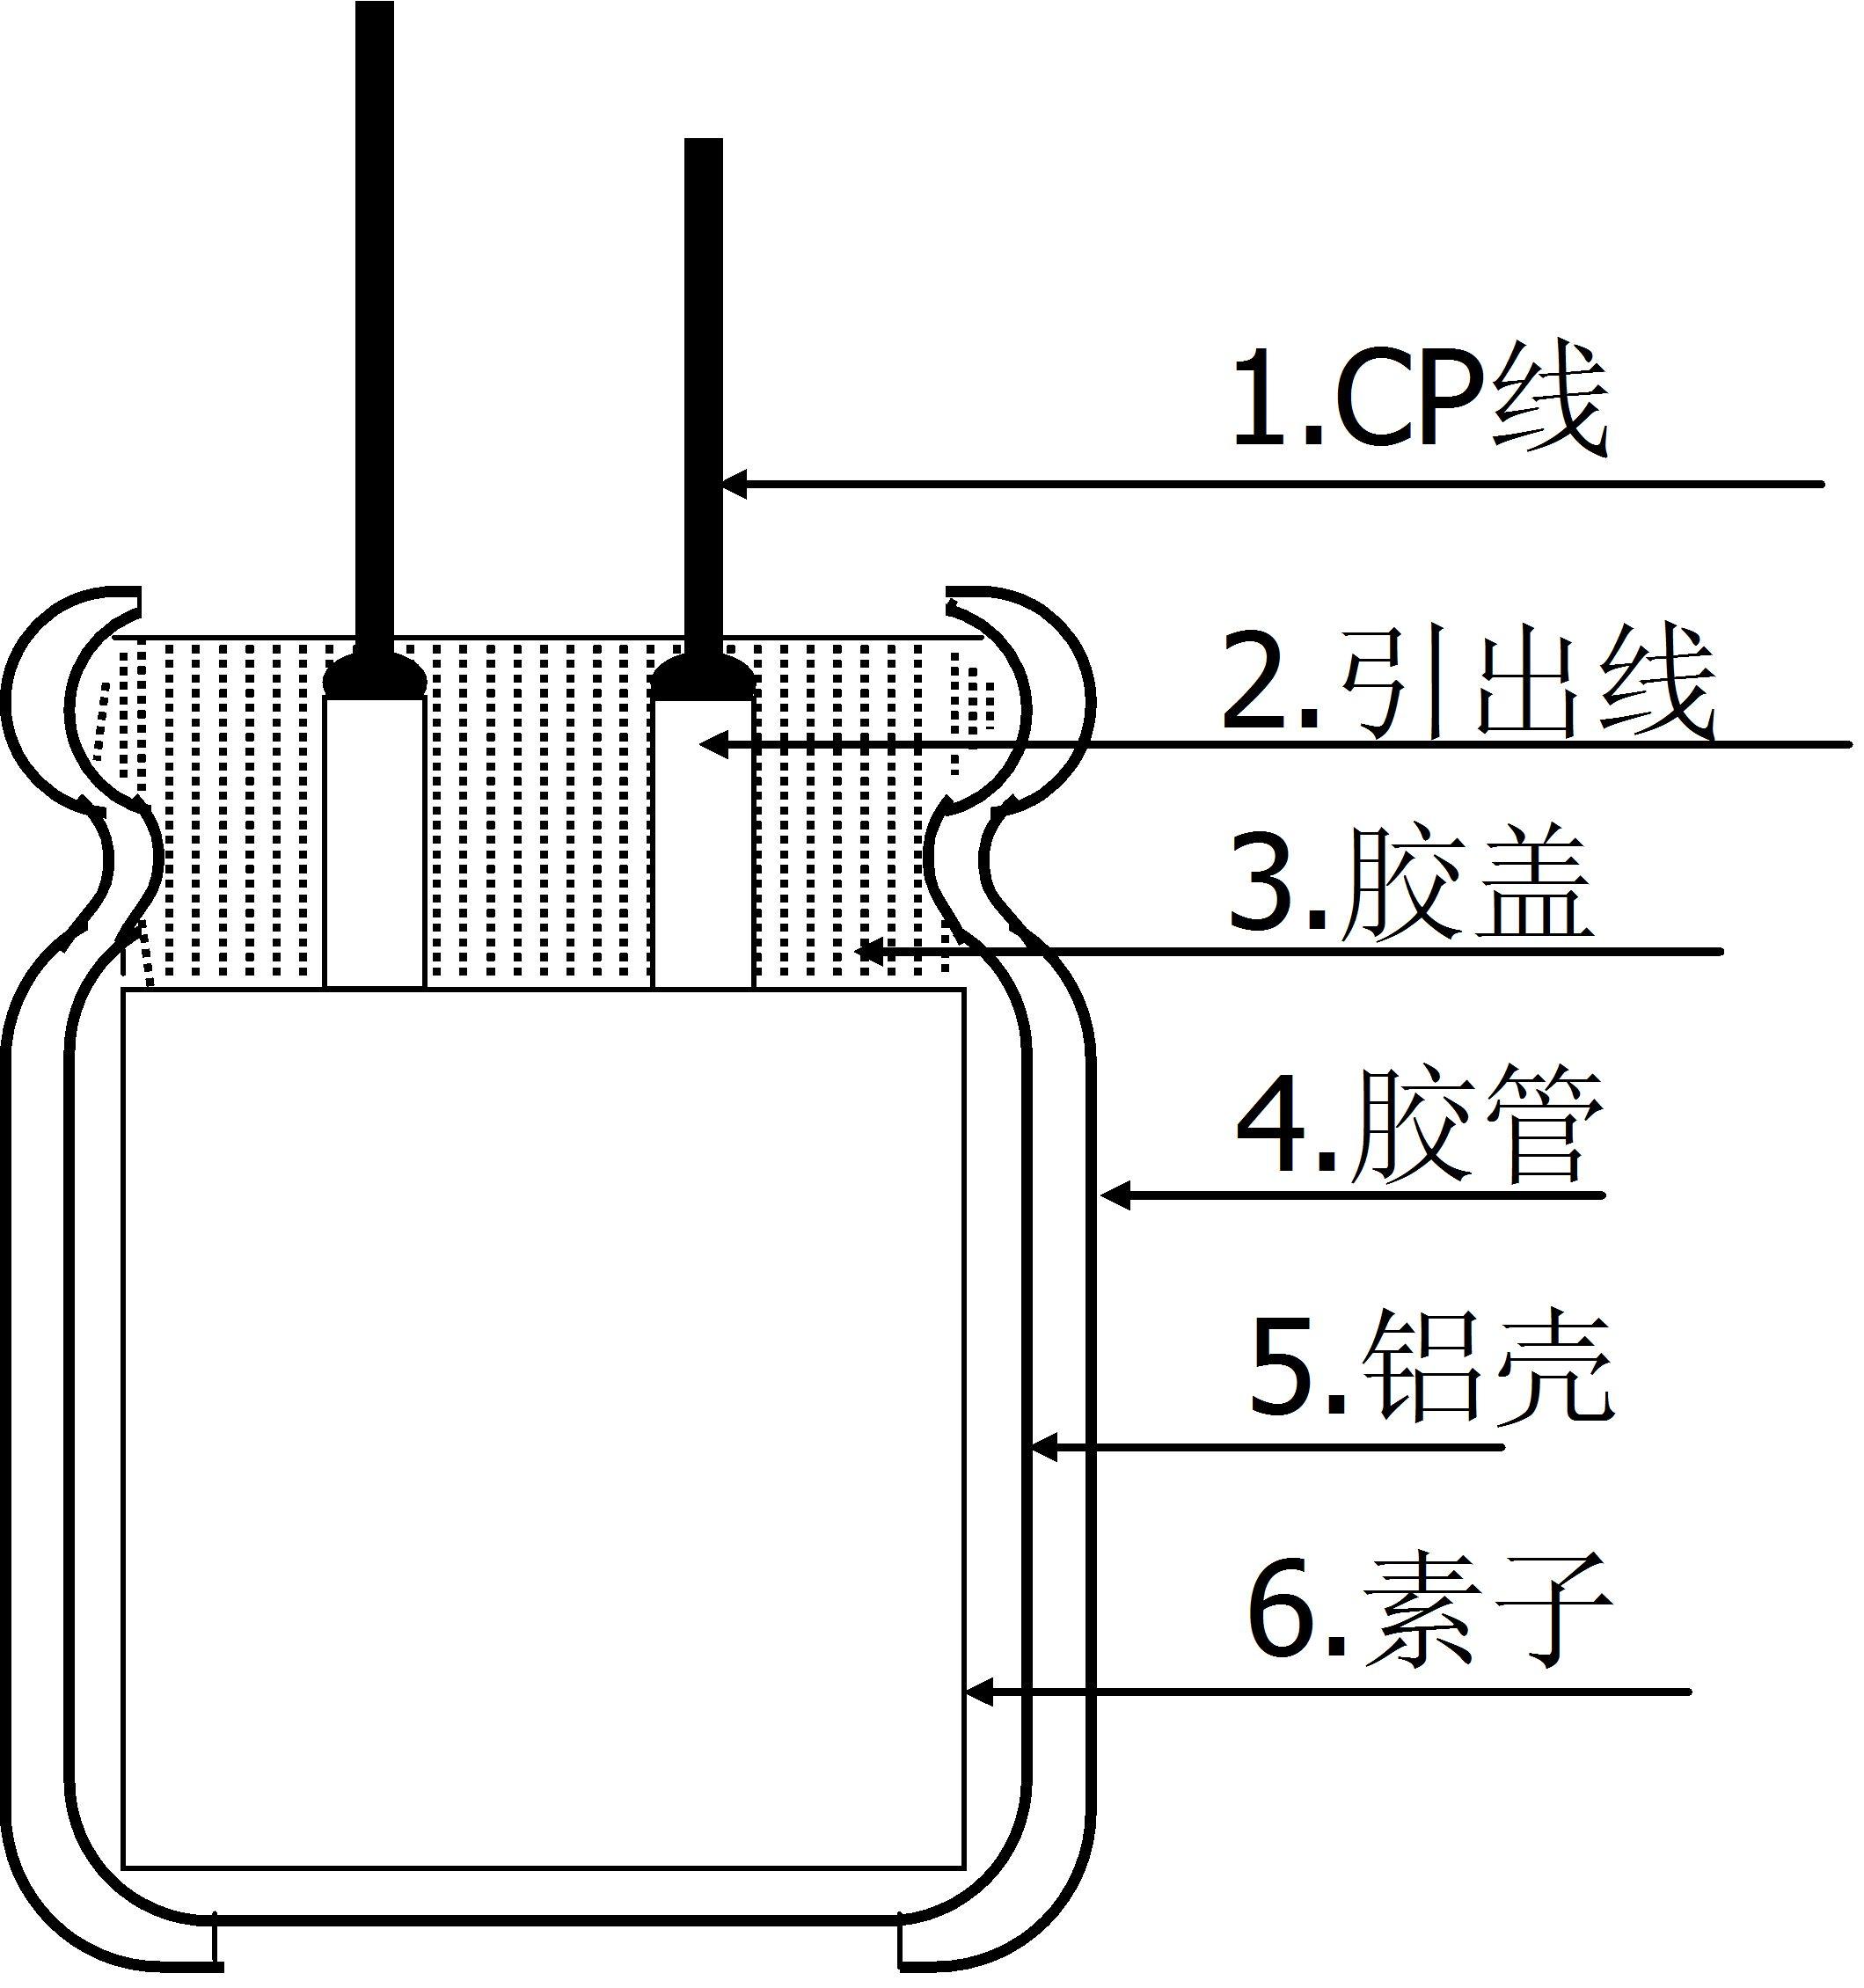 关键核心技术:使用3,4-乙烯基二氧噻吩单体,特殊氧化剂的水溶剂中,以Na2S2O催化剂,经多次反复氧化聚合而成-----聚噻吩(水性分散物),吸附在铝氧化膜表面,经炭化处理后 可得到高电导率、有较好机械强度、且不溶于普通溶剂的PEDOT膜。 固态电容与液态电容的结构及形态对比: